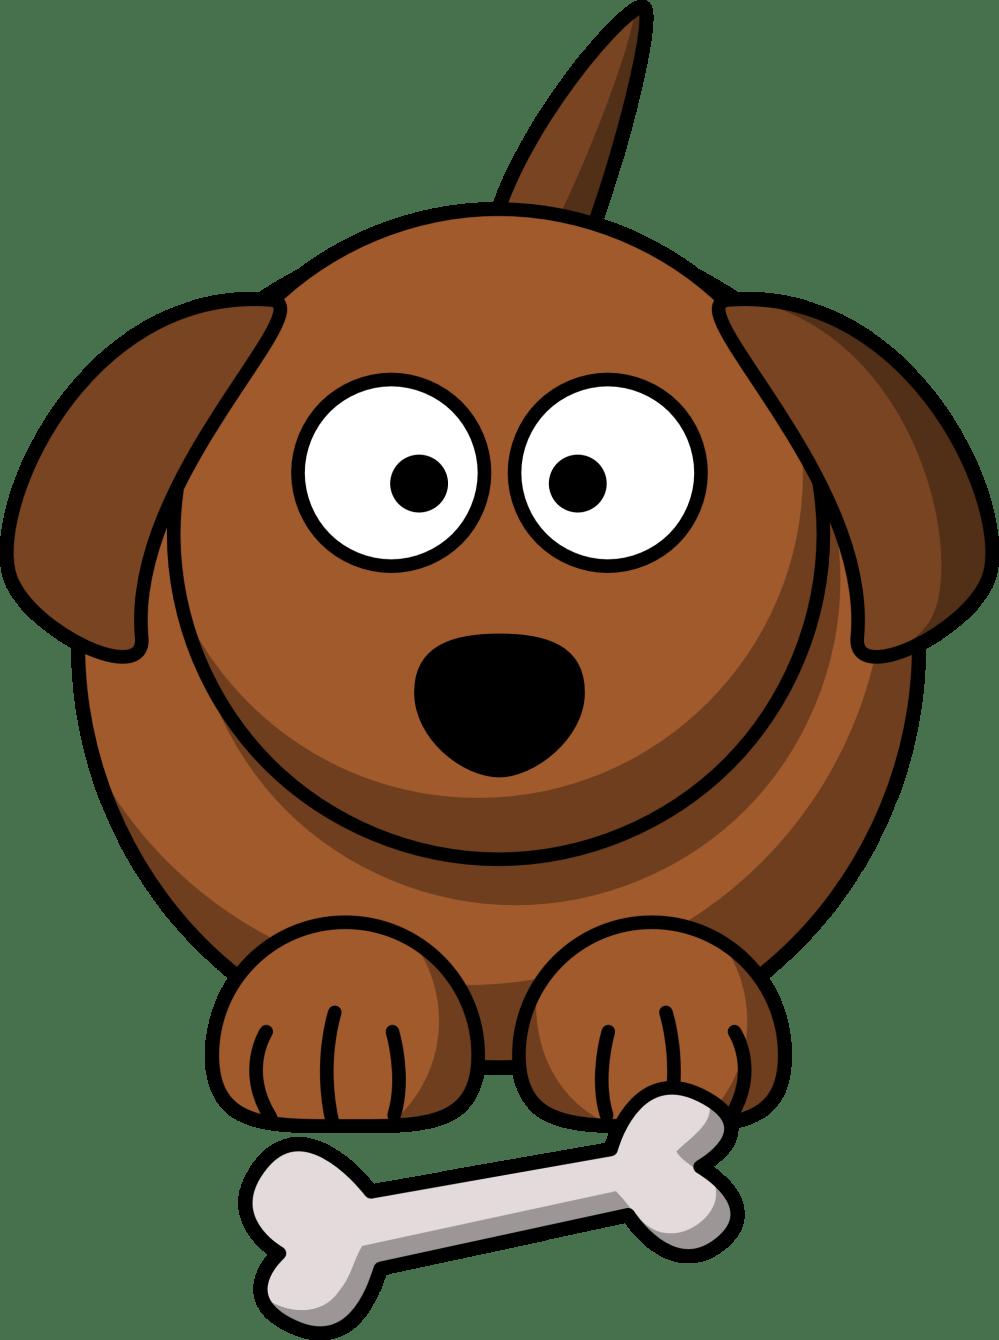 medium resolution of animal